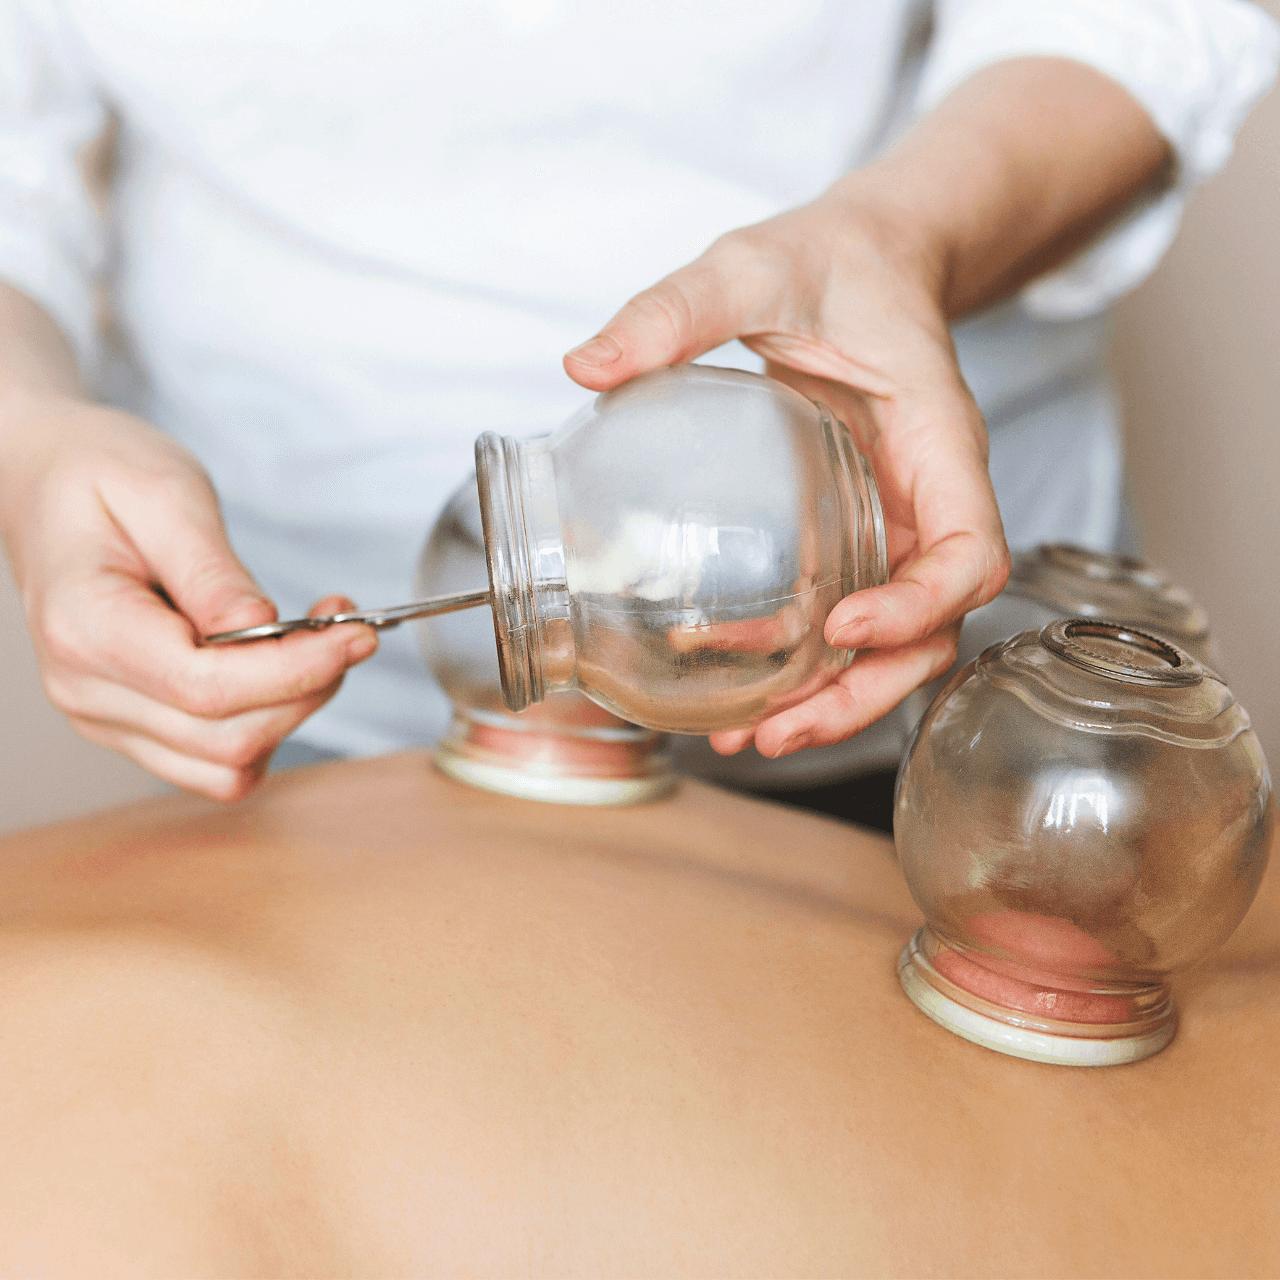 acupuncture practitioner